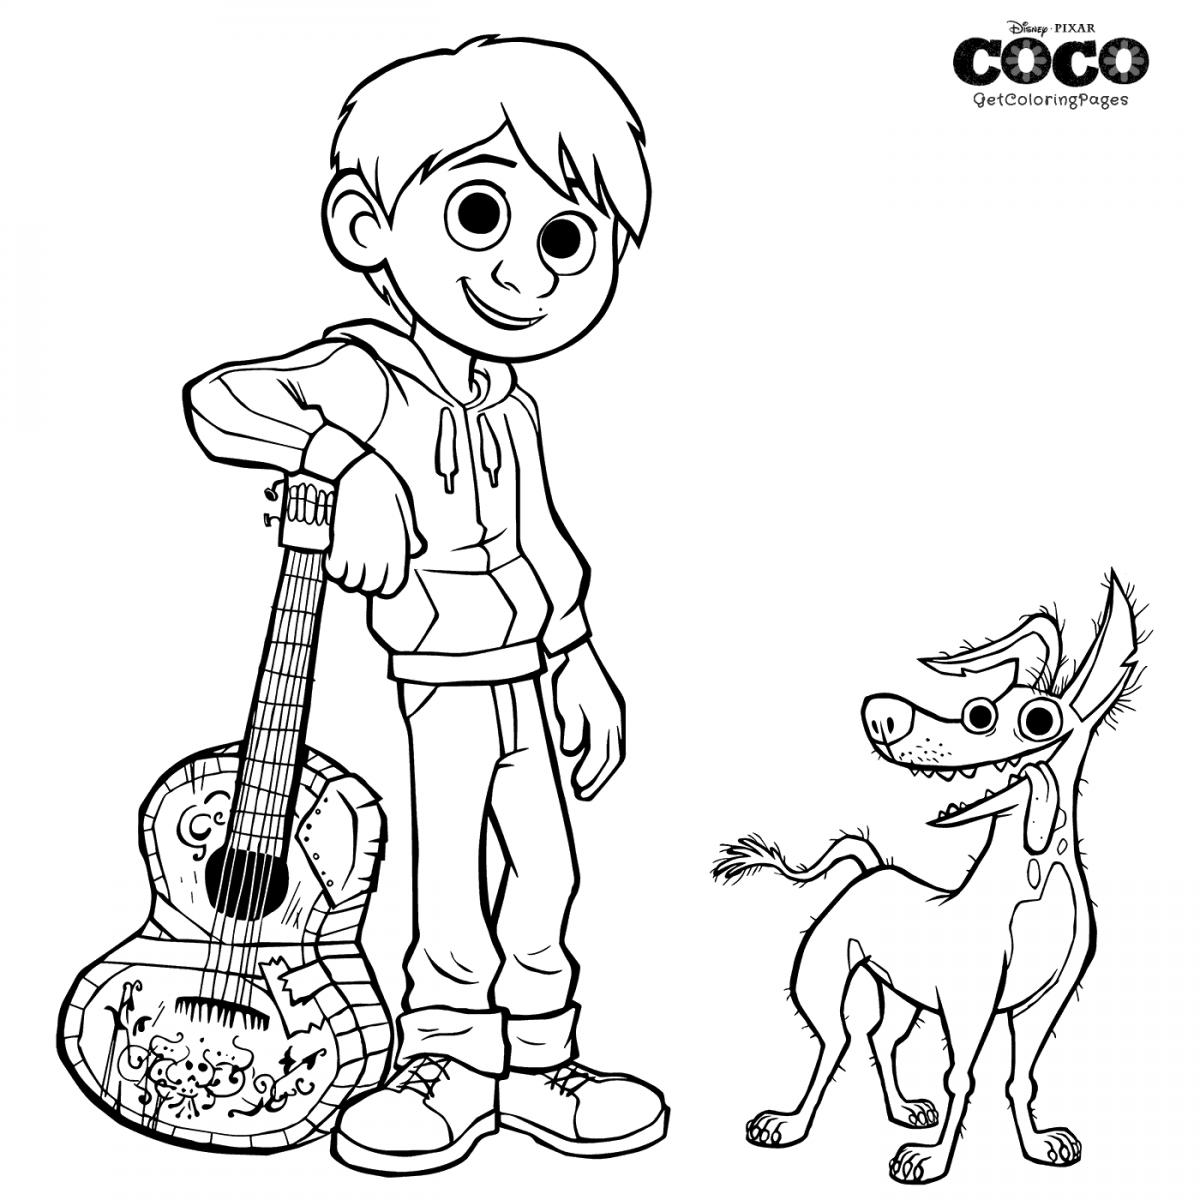 Dante And Miguel Coco Coloring Page Disney Coloring Pages Coloring Pages Coloring Books